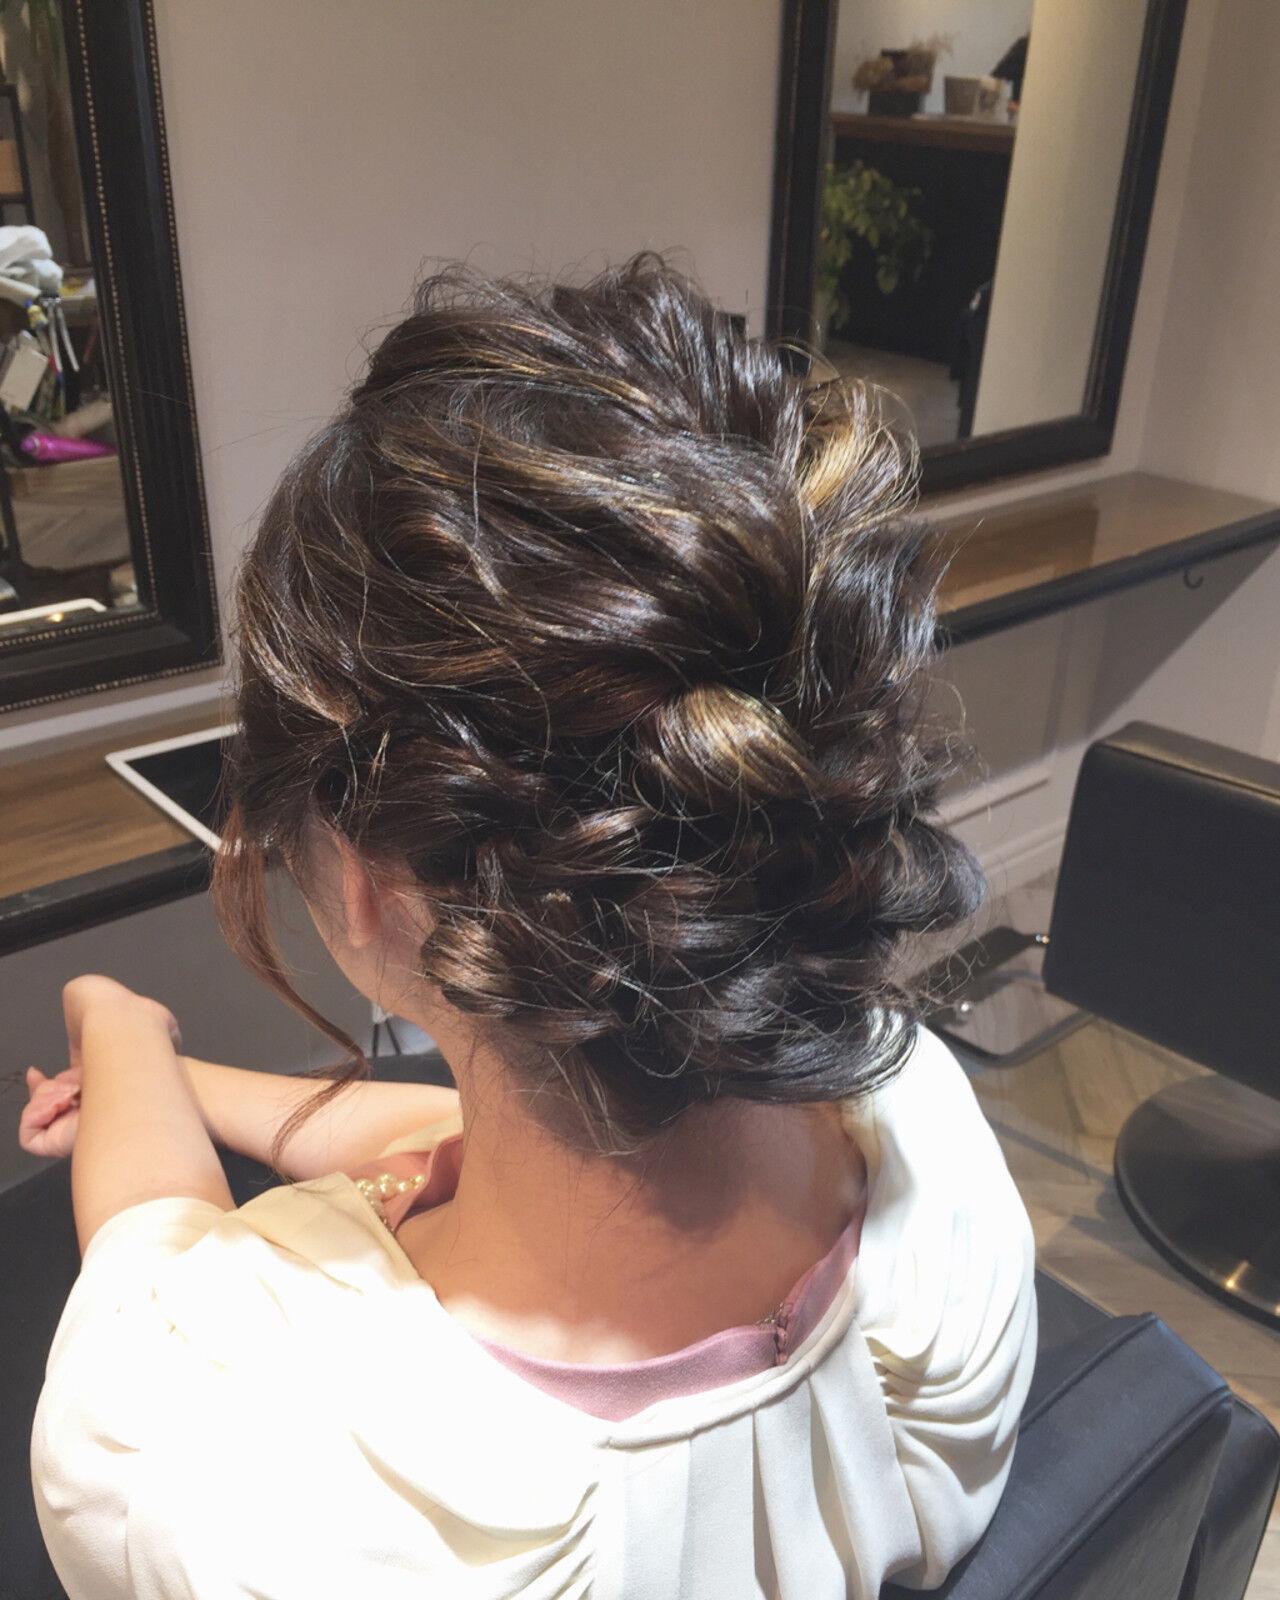 エレガント ヘアアレンジ セミロング ウェーブヘアスタイルや髪型の写真・画像